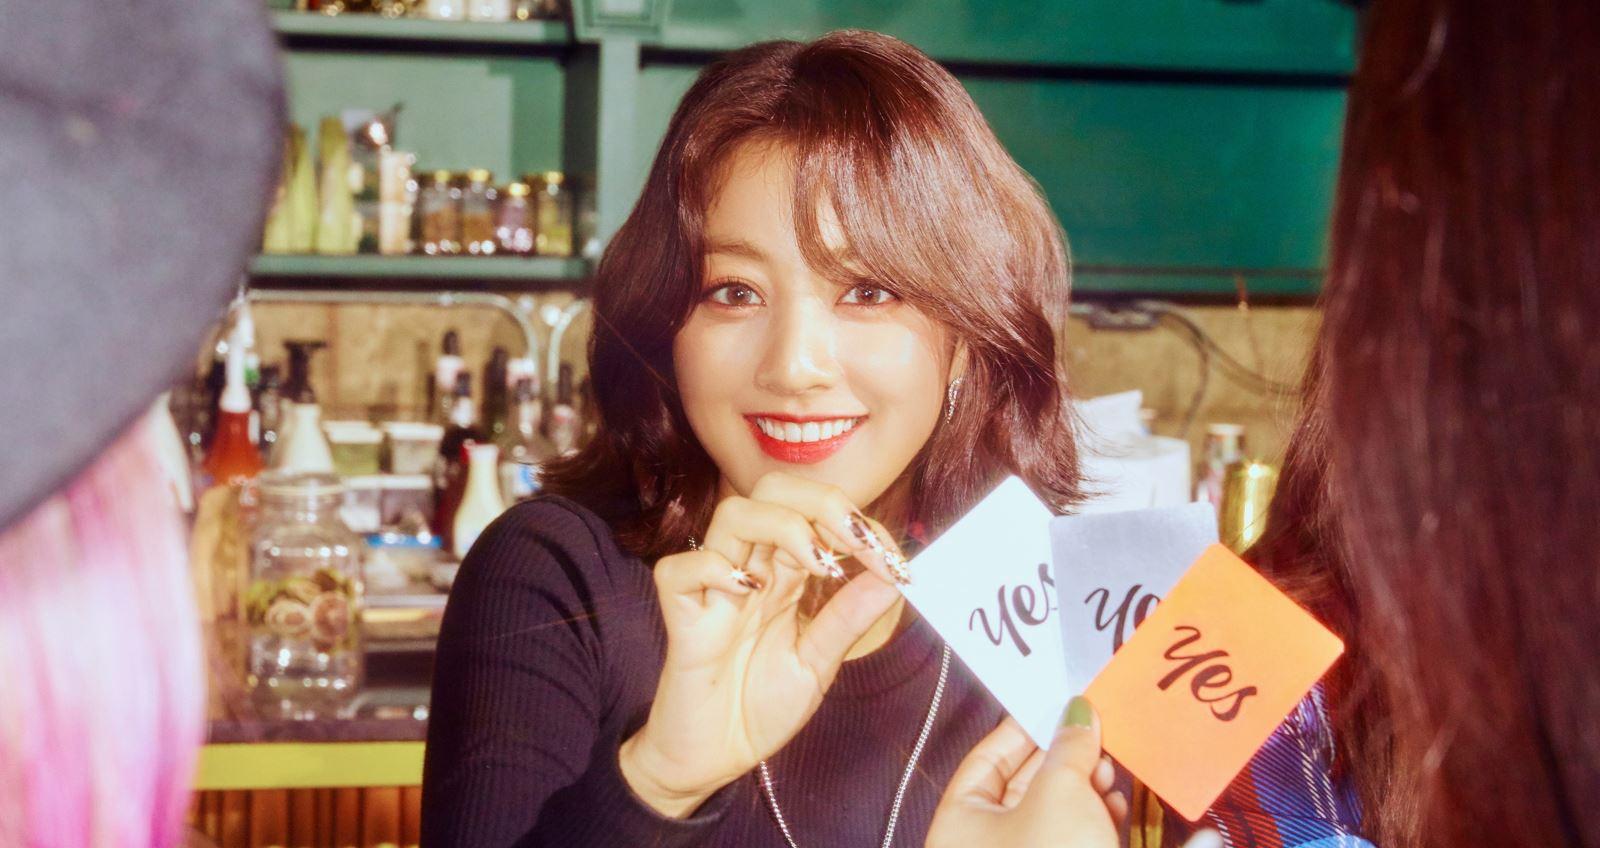 Cách chăm sóc tóc của các sao Hàn, Lột xác với các kiểu tóc giống như sao Hàn,Song Hye Kyo, TWICE - Jihyo, Shin Ye Eun, SNSD - Yoona, GFRIEND - Eunha, Red Velvet - Wendy